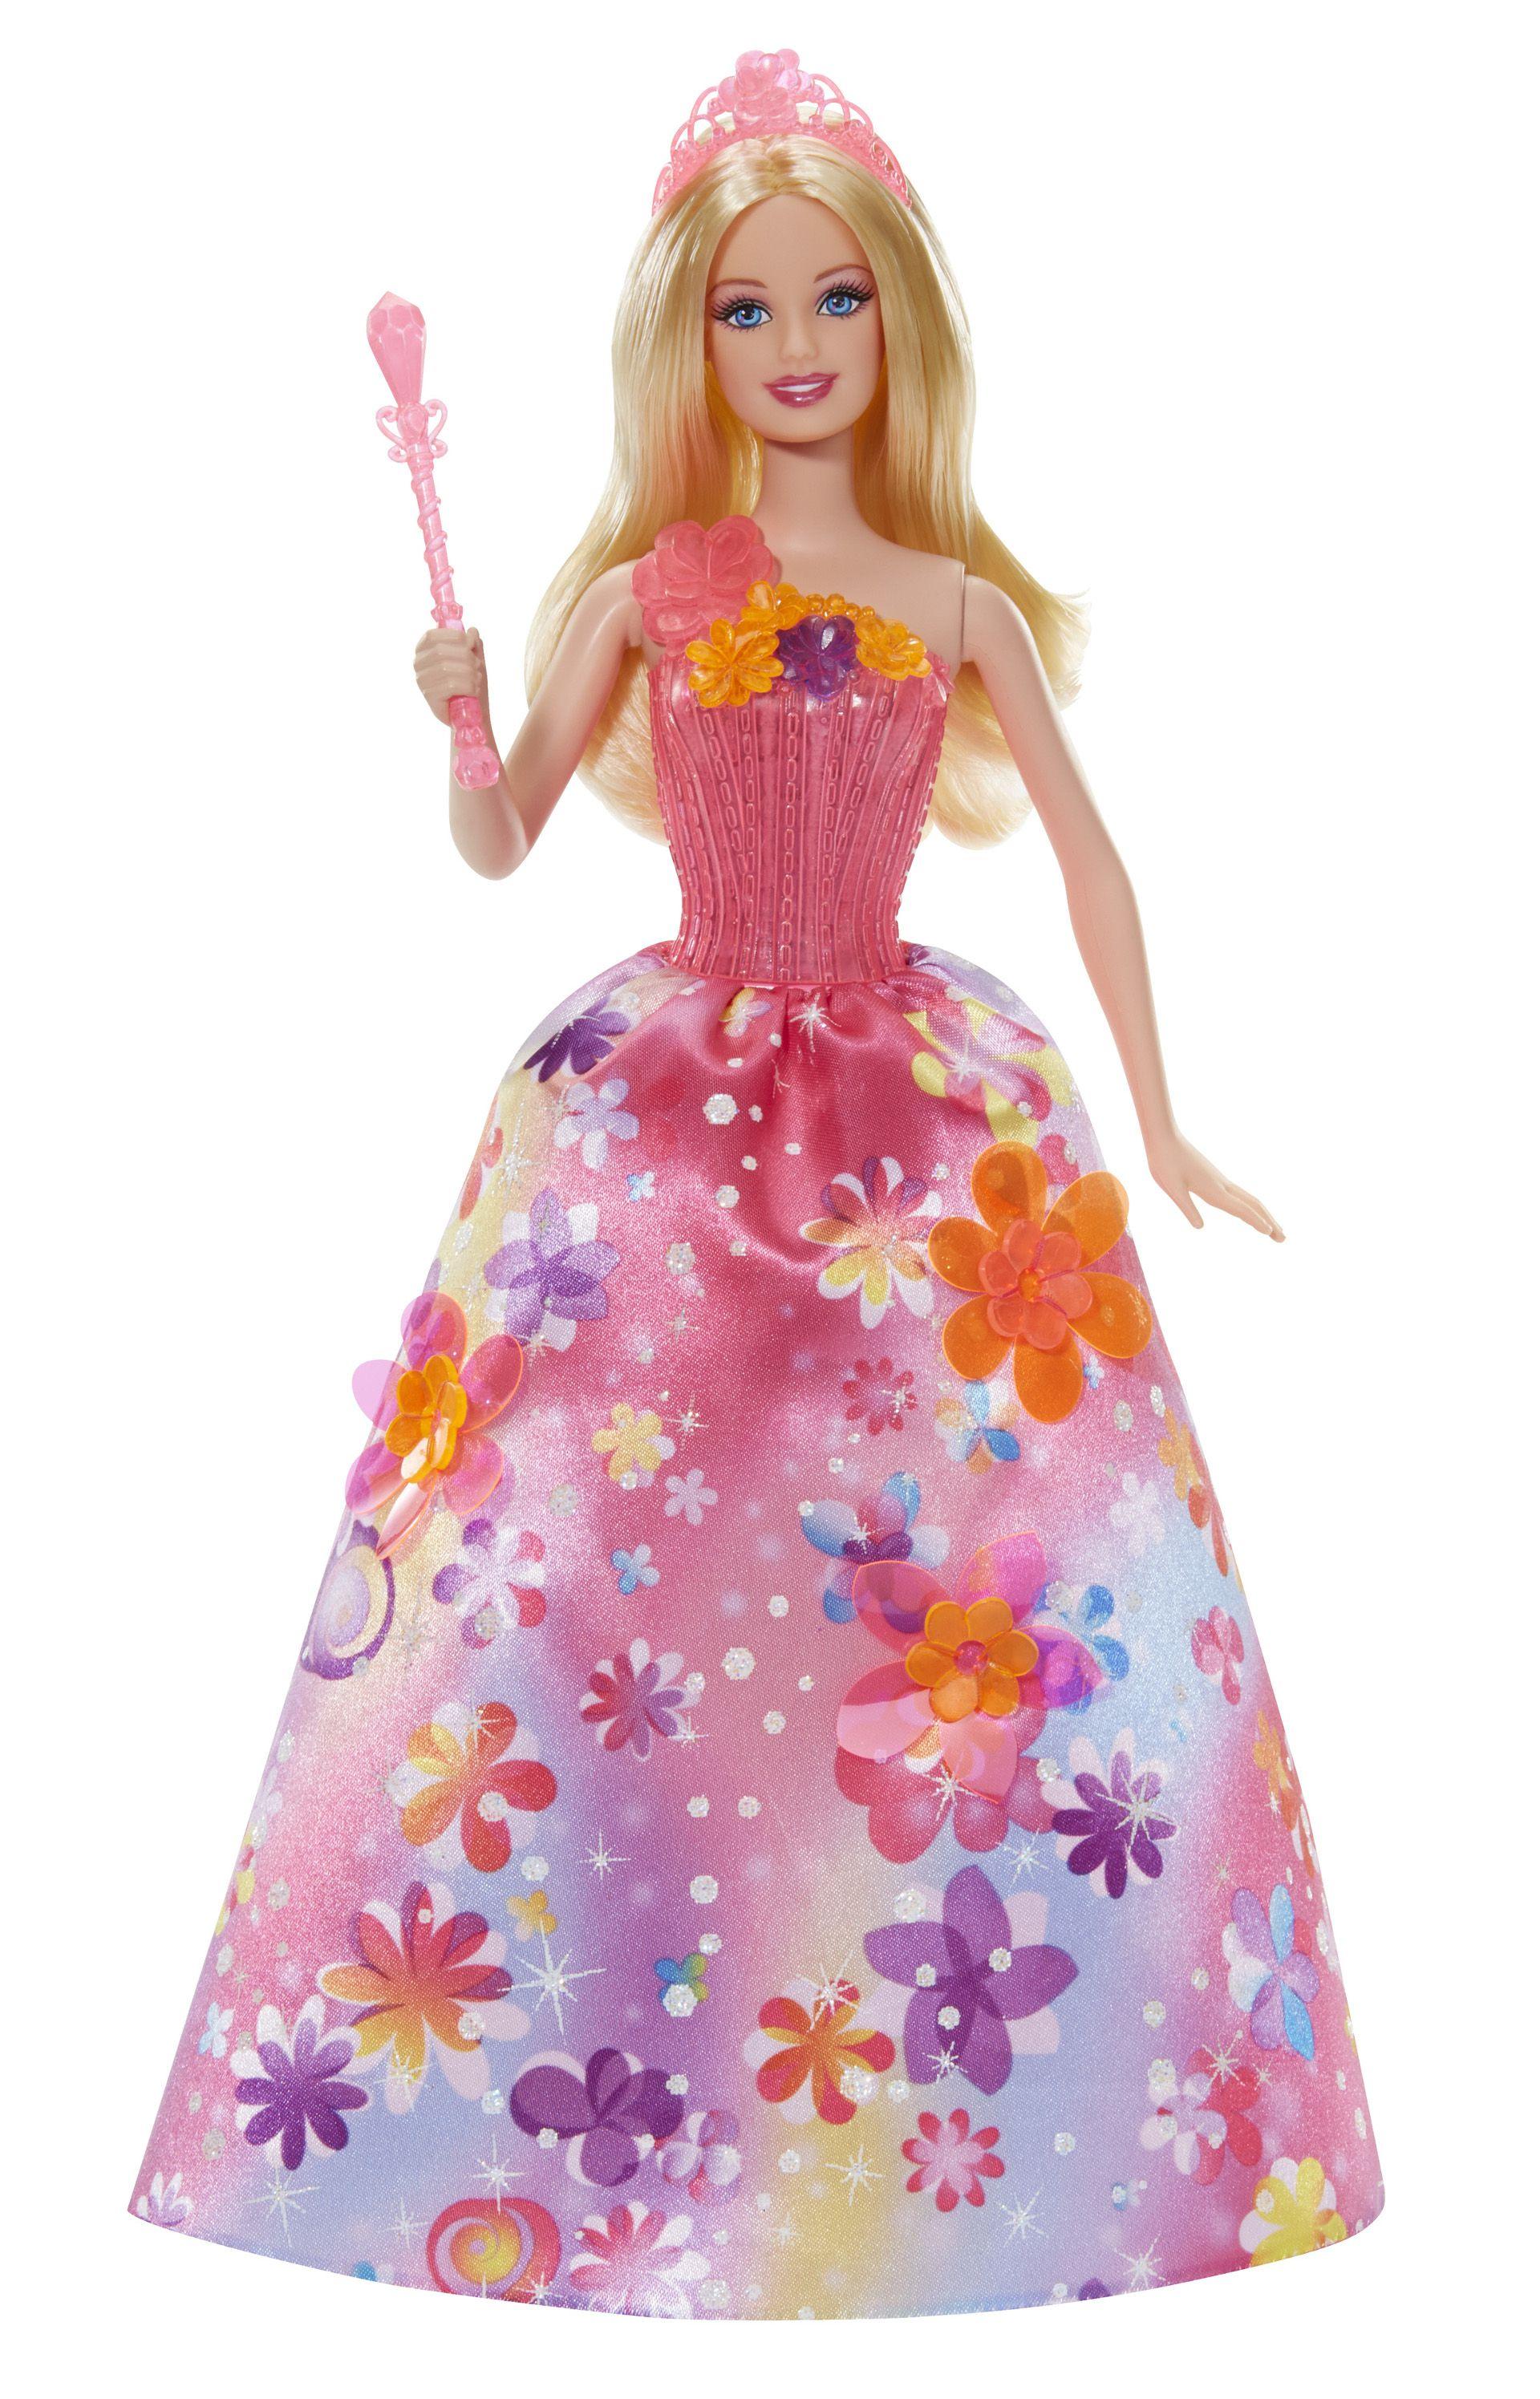 Barbie princesse magique alexa achat vente poup e - Barbie en princesse ...